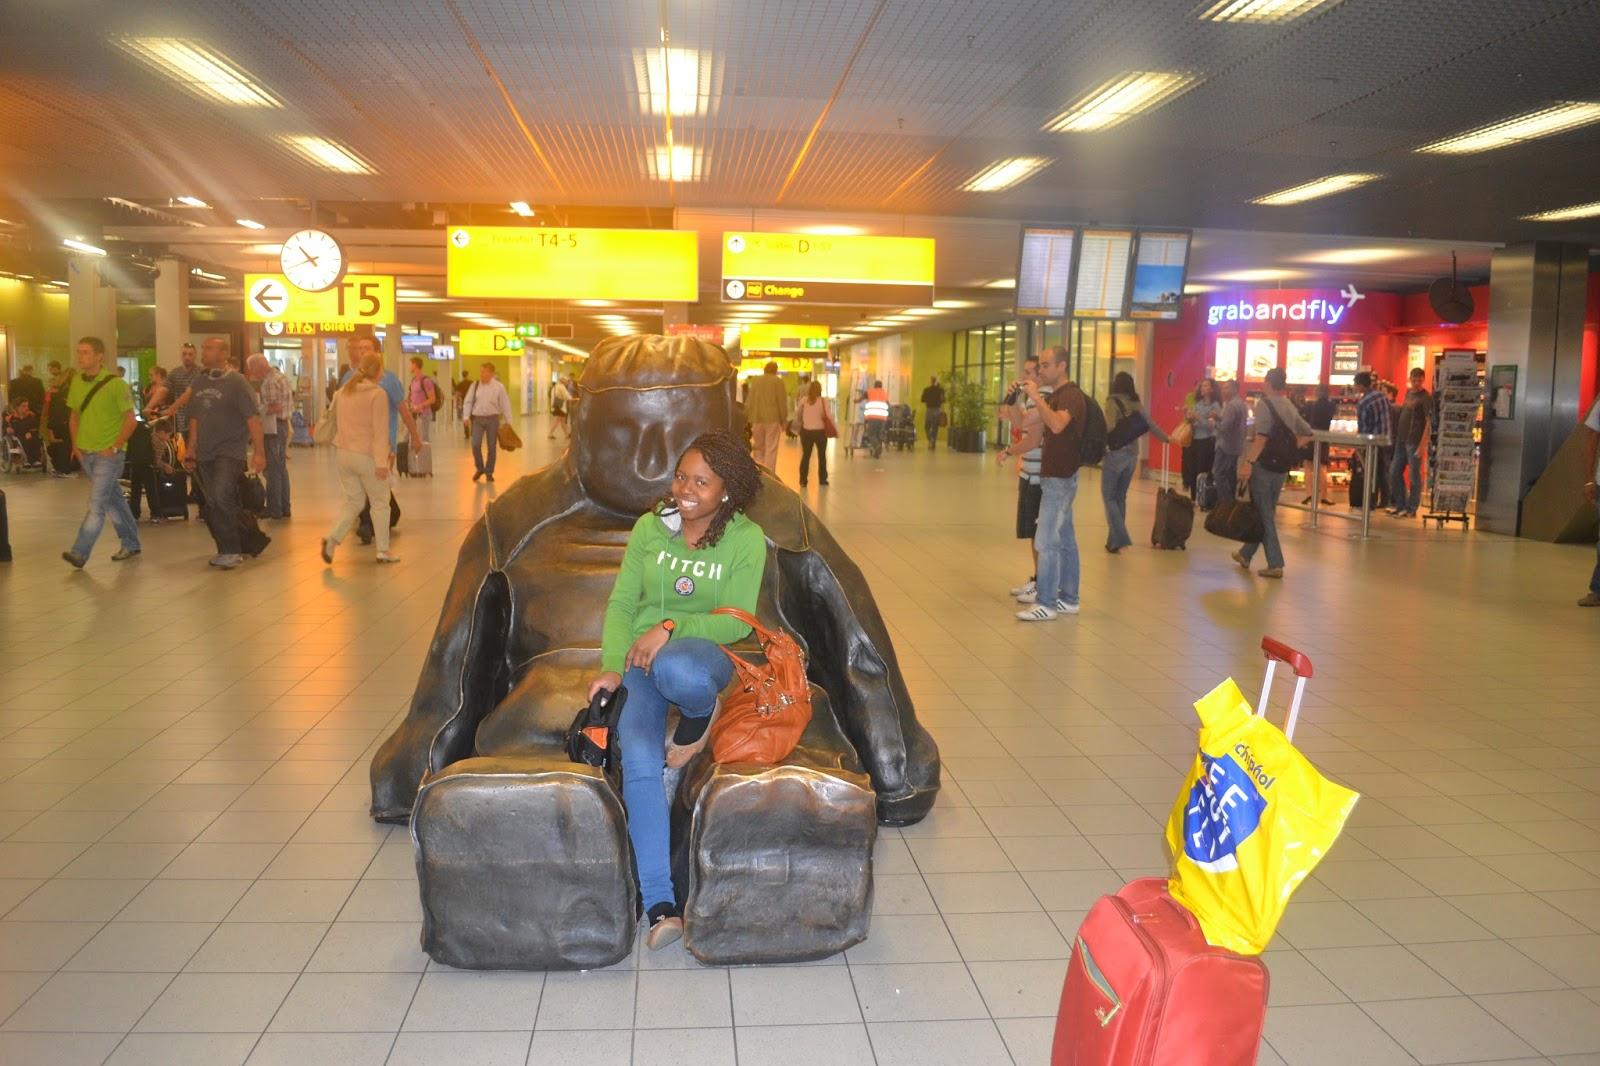 Amsterdam Schipol Airport Layover